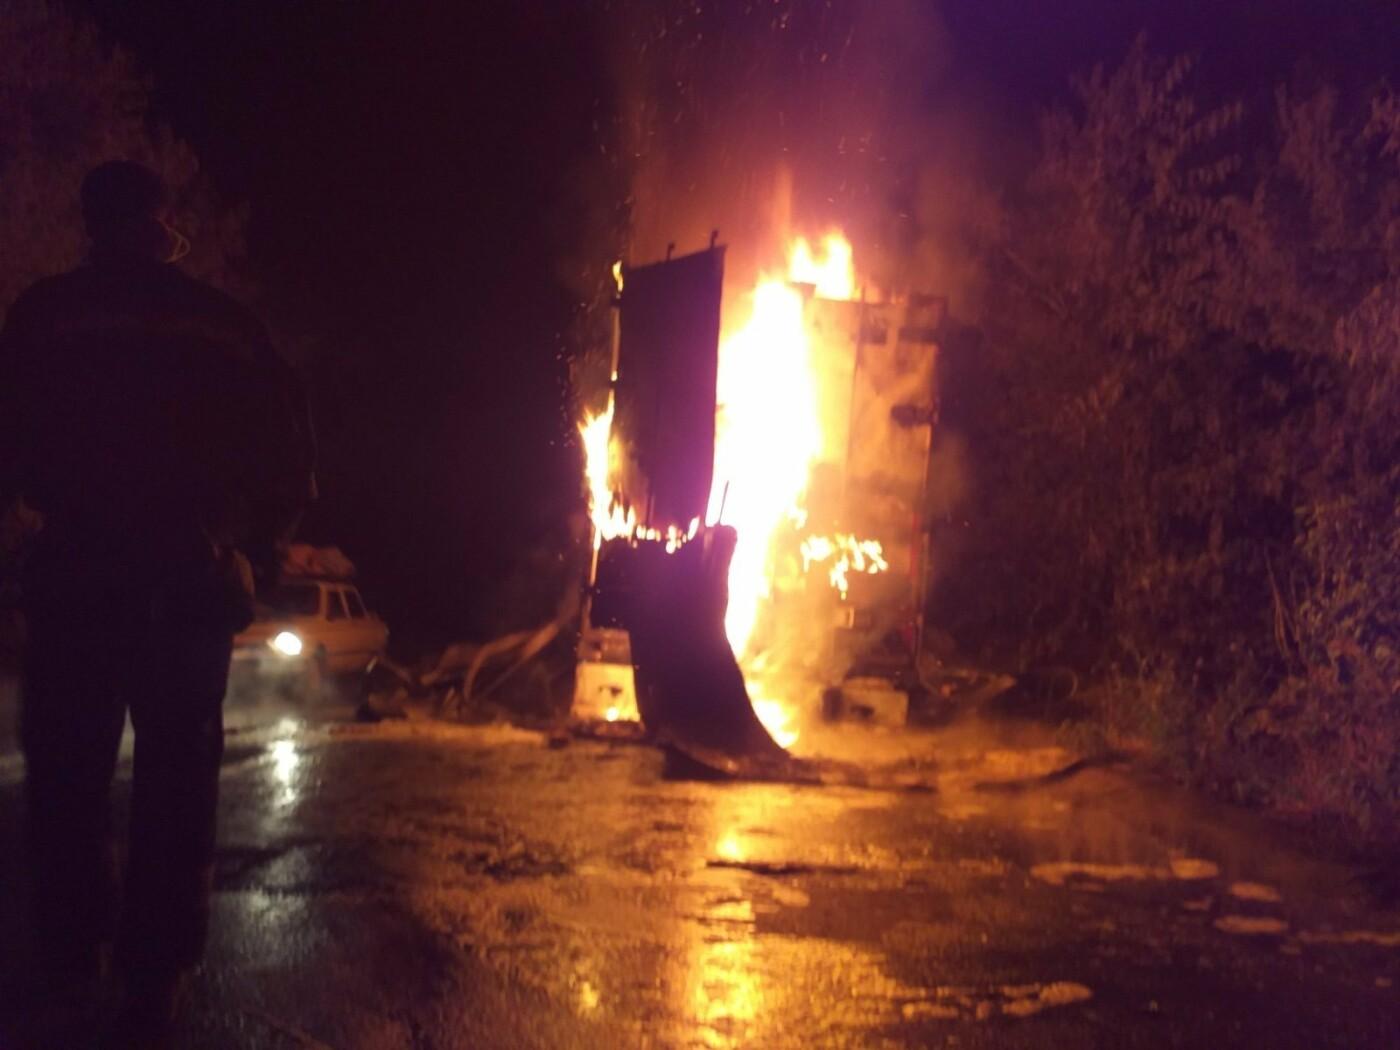 Под Днепром ночью на ходу загорелся грузовик: пожар тушили 1,5 часа, - ФОТО, фото-1